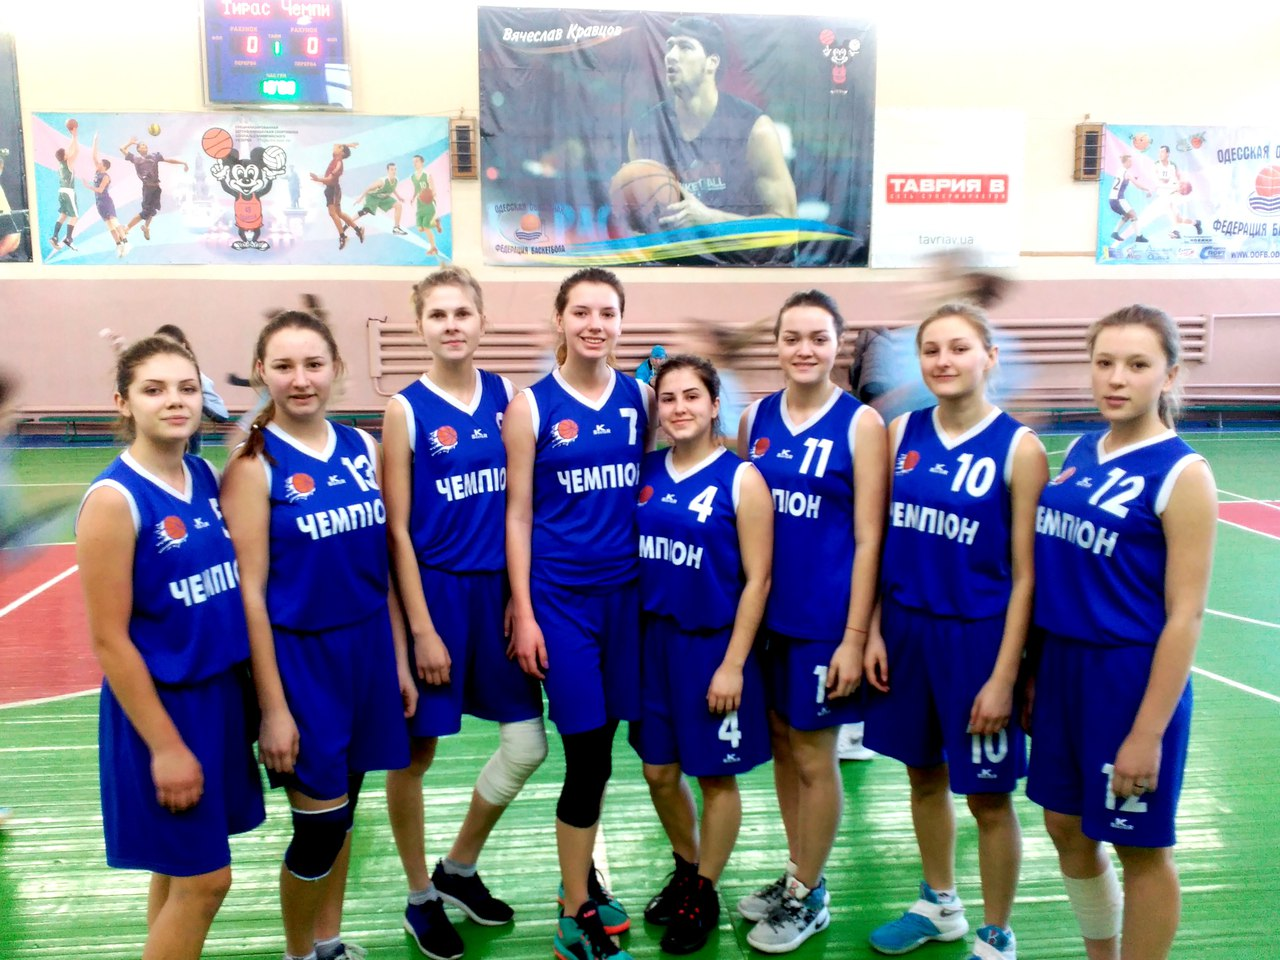 Голопристанські баскетболістки зіграли чергові ігри у юнацькій баскетбольній лізі